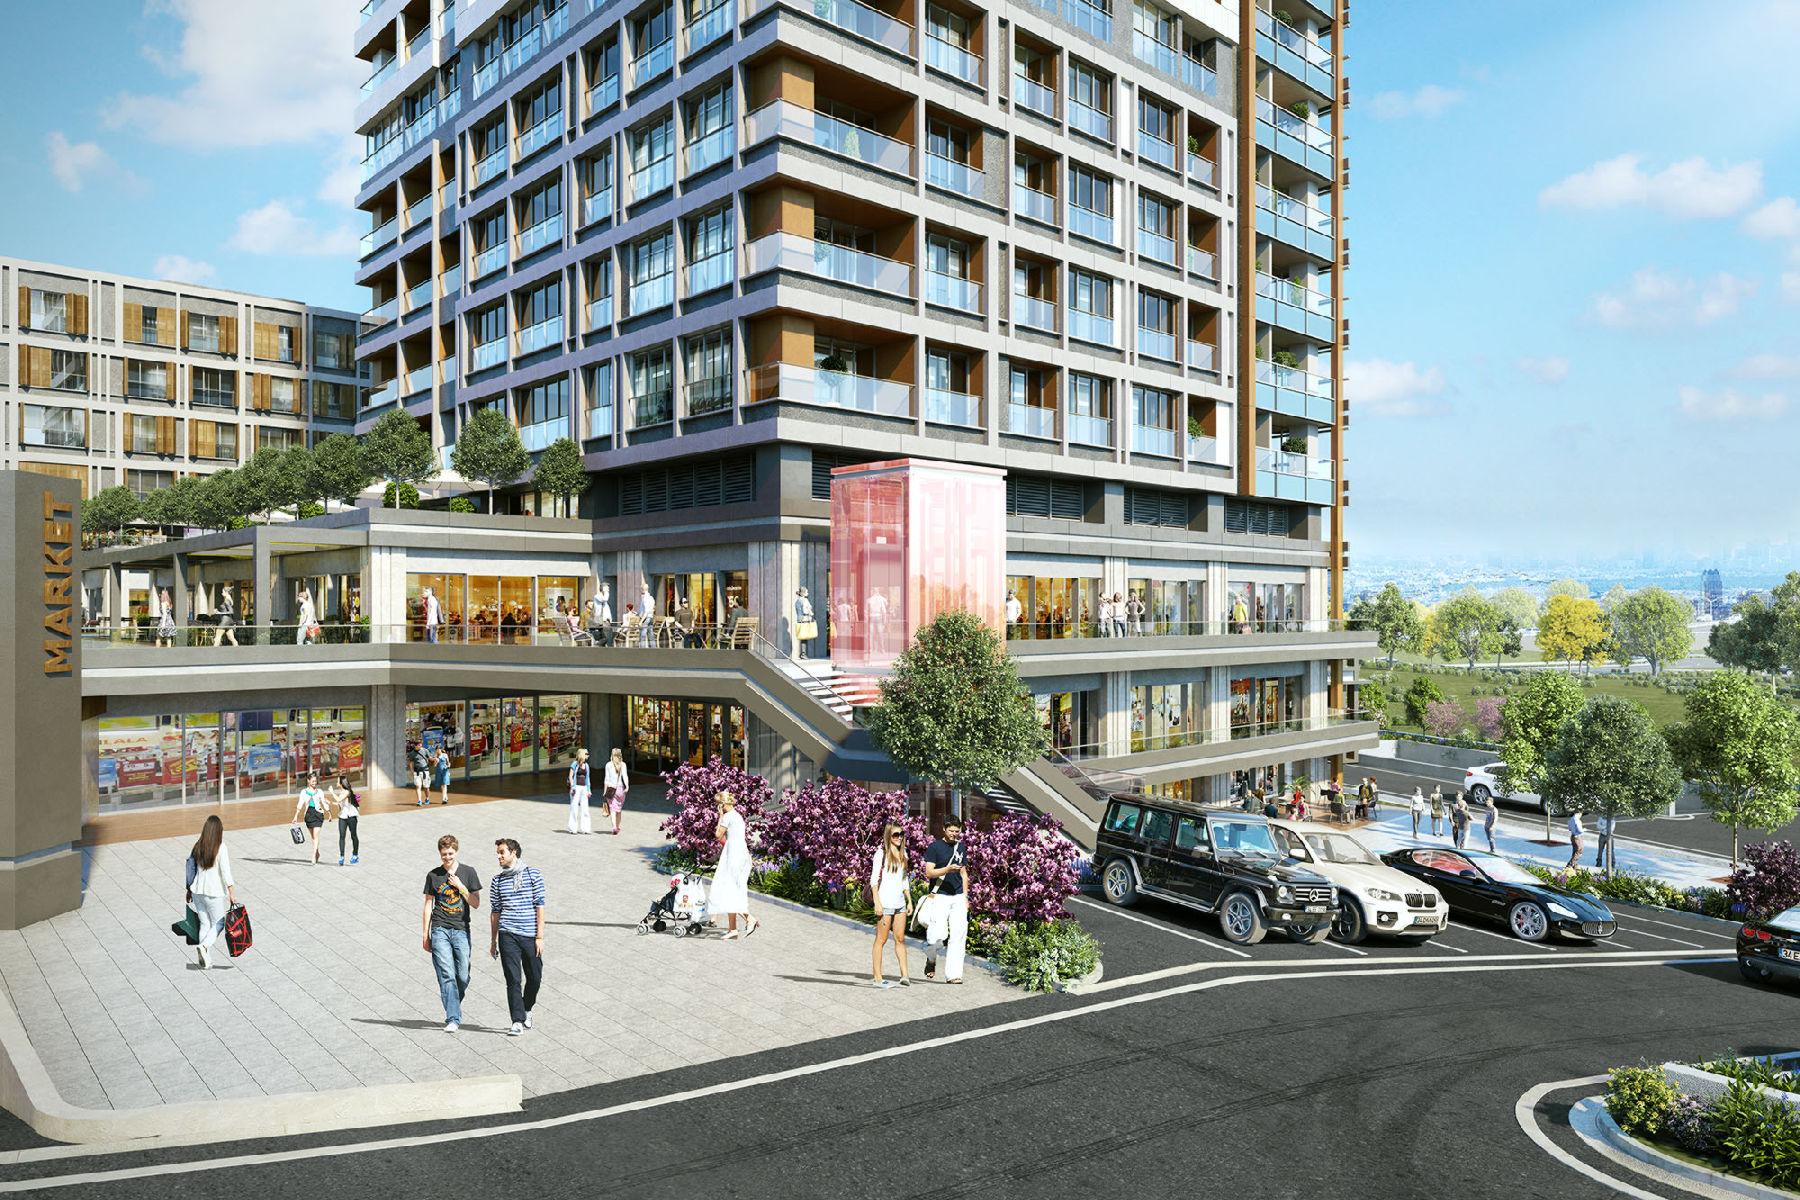 «Умные» квартиры в новом жилом комплексе Стамбула - Фото 6